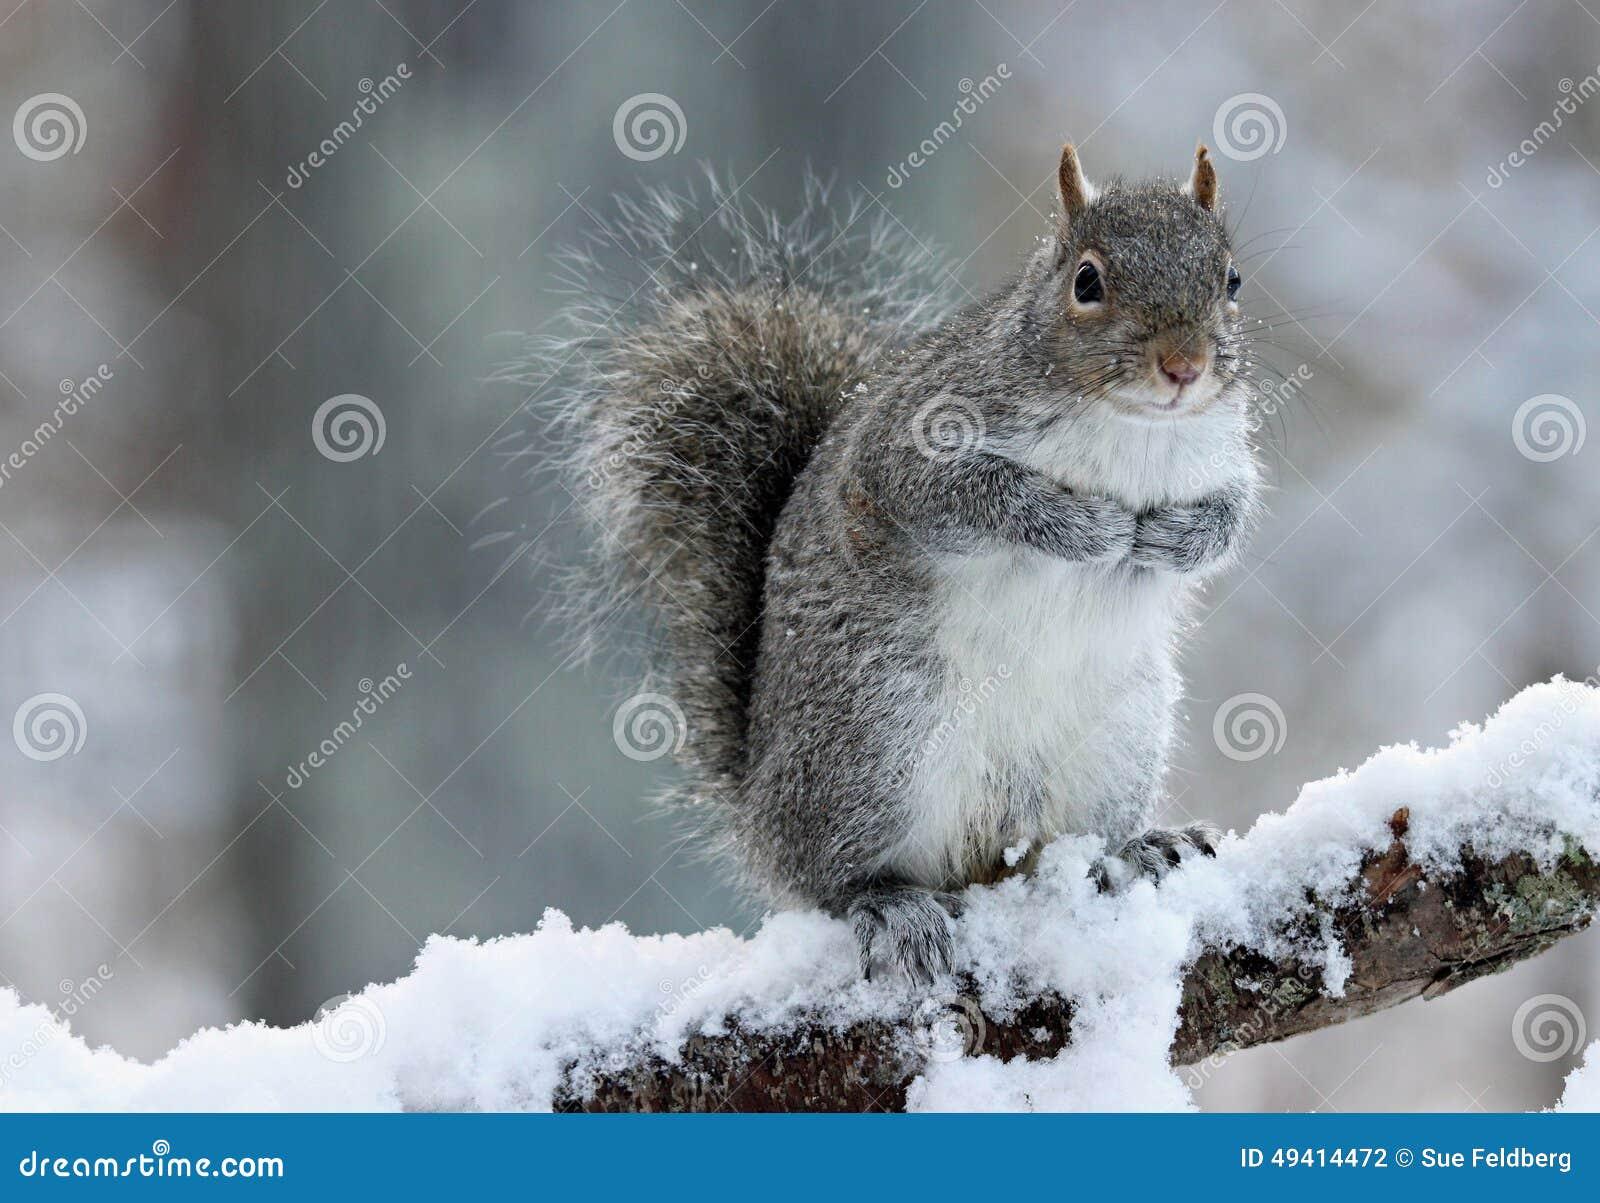 Download Winterzeit-Eichhörnchen stockfoto. Bild von stehen, glücklich - 49414472